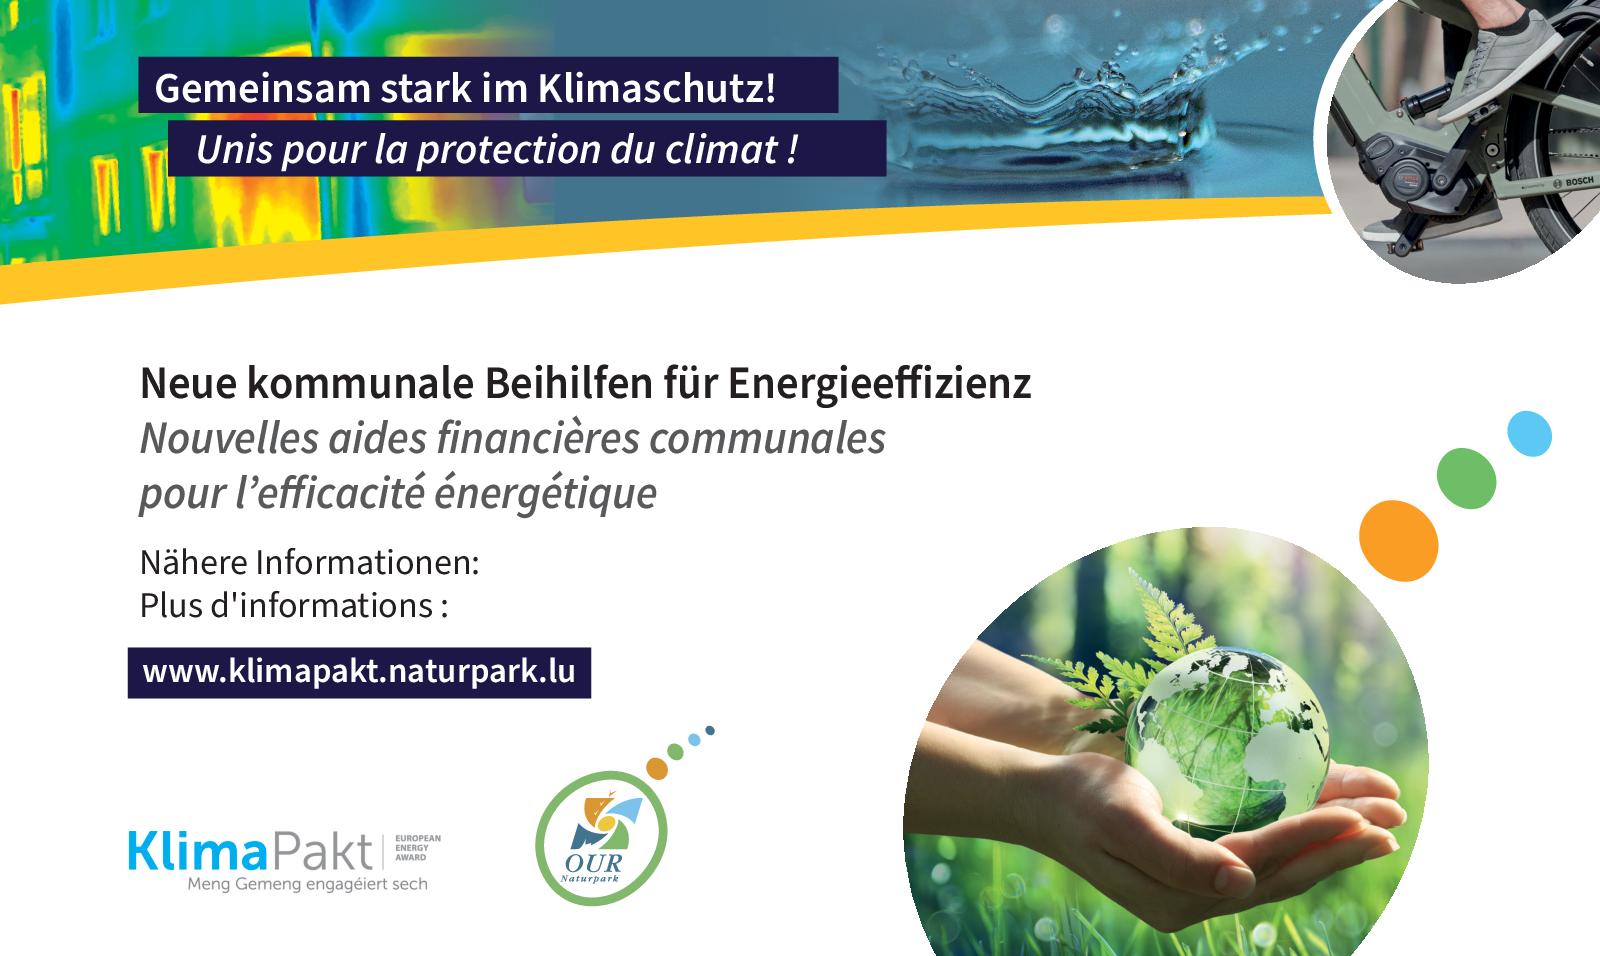 Neue kommunale Beihilfen für Energieeffizienz - Nouvelles aides financières communales pour l'efficacité énergétique